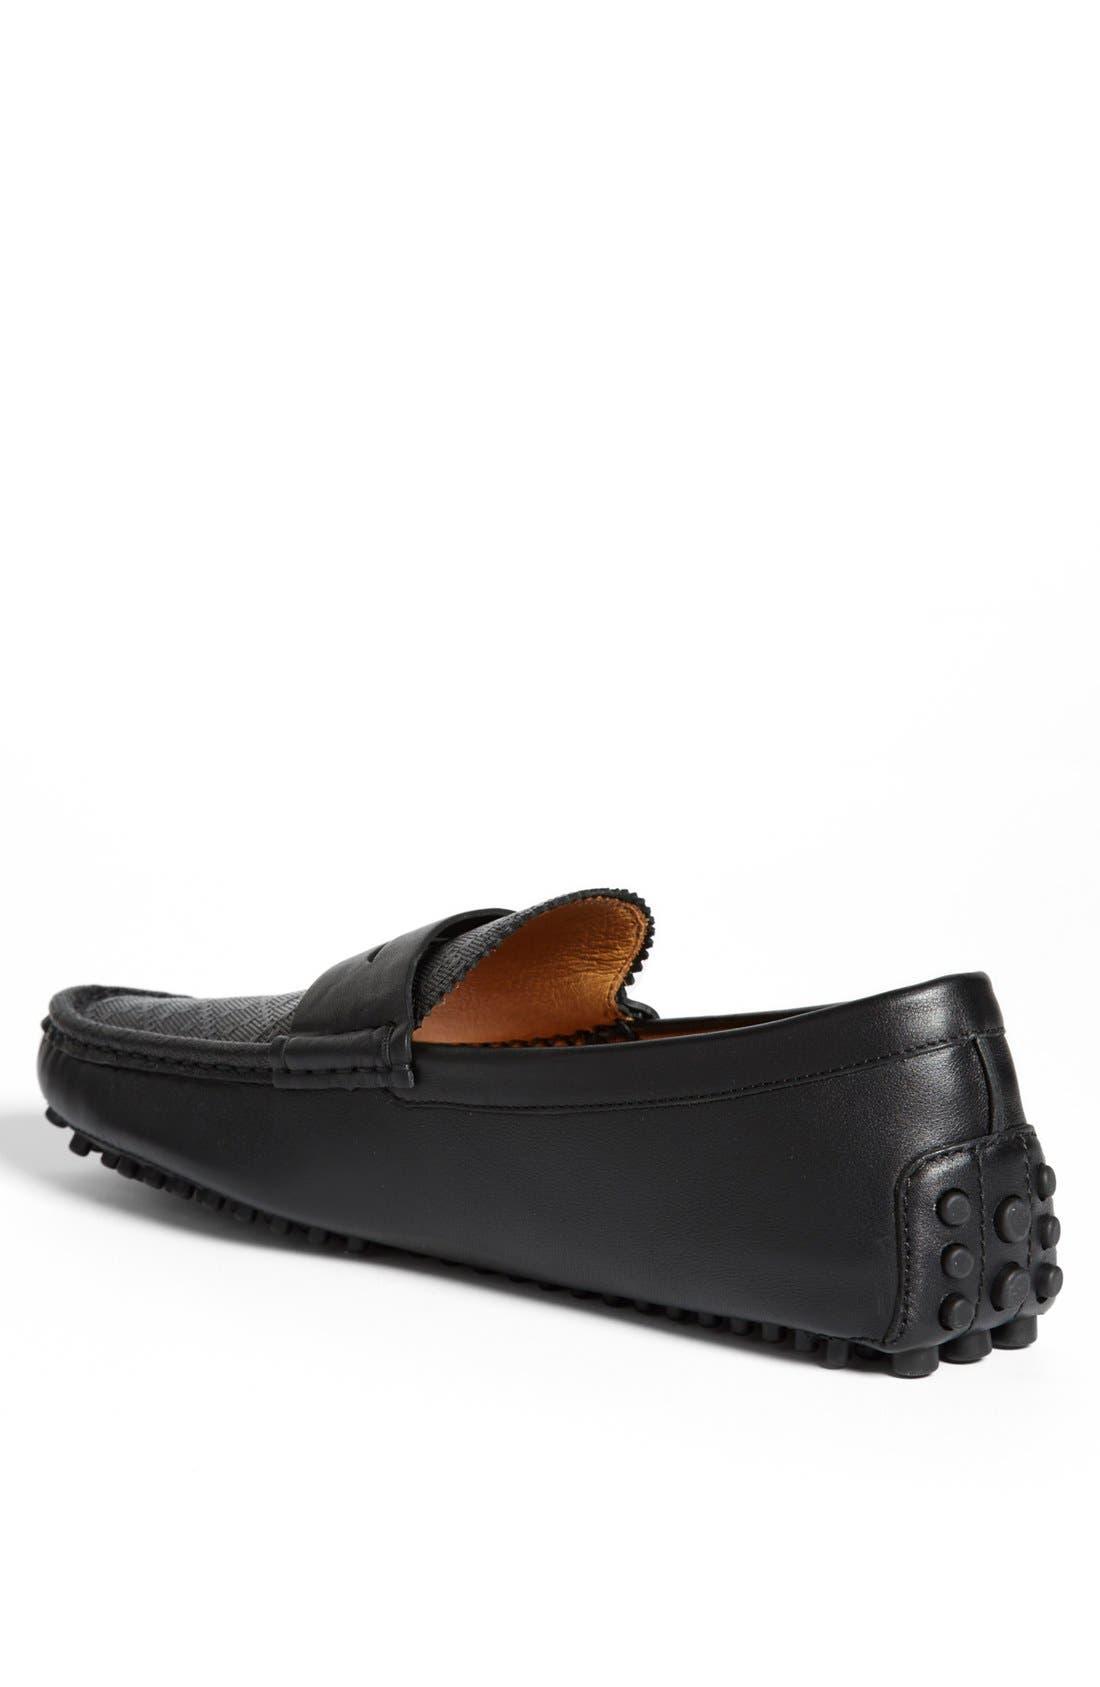 Alternate Image 2  - Gucci 'Damo' Diamante Driving Shoe